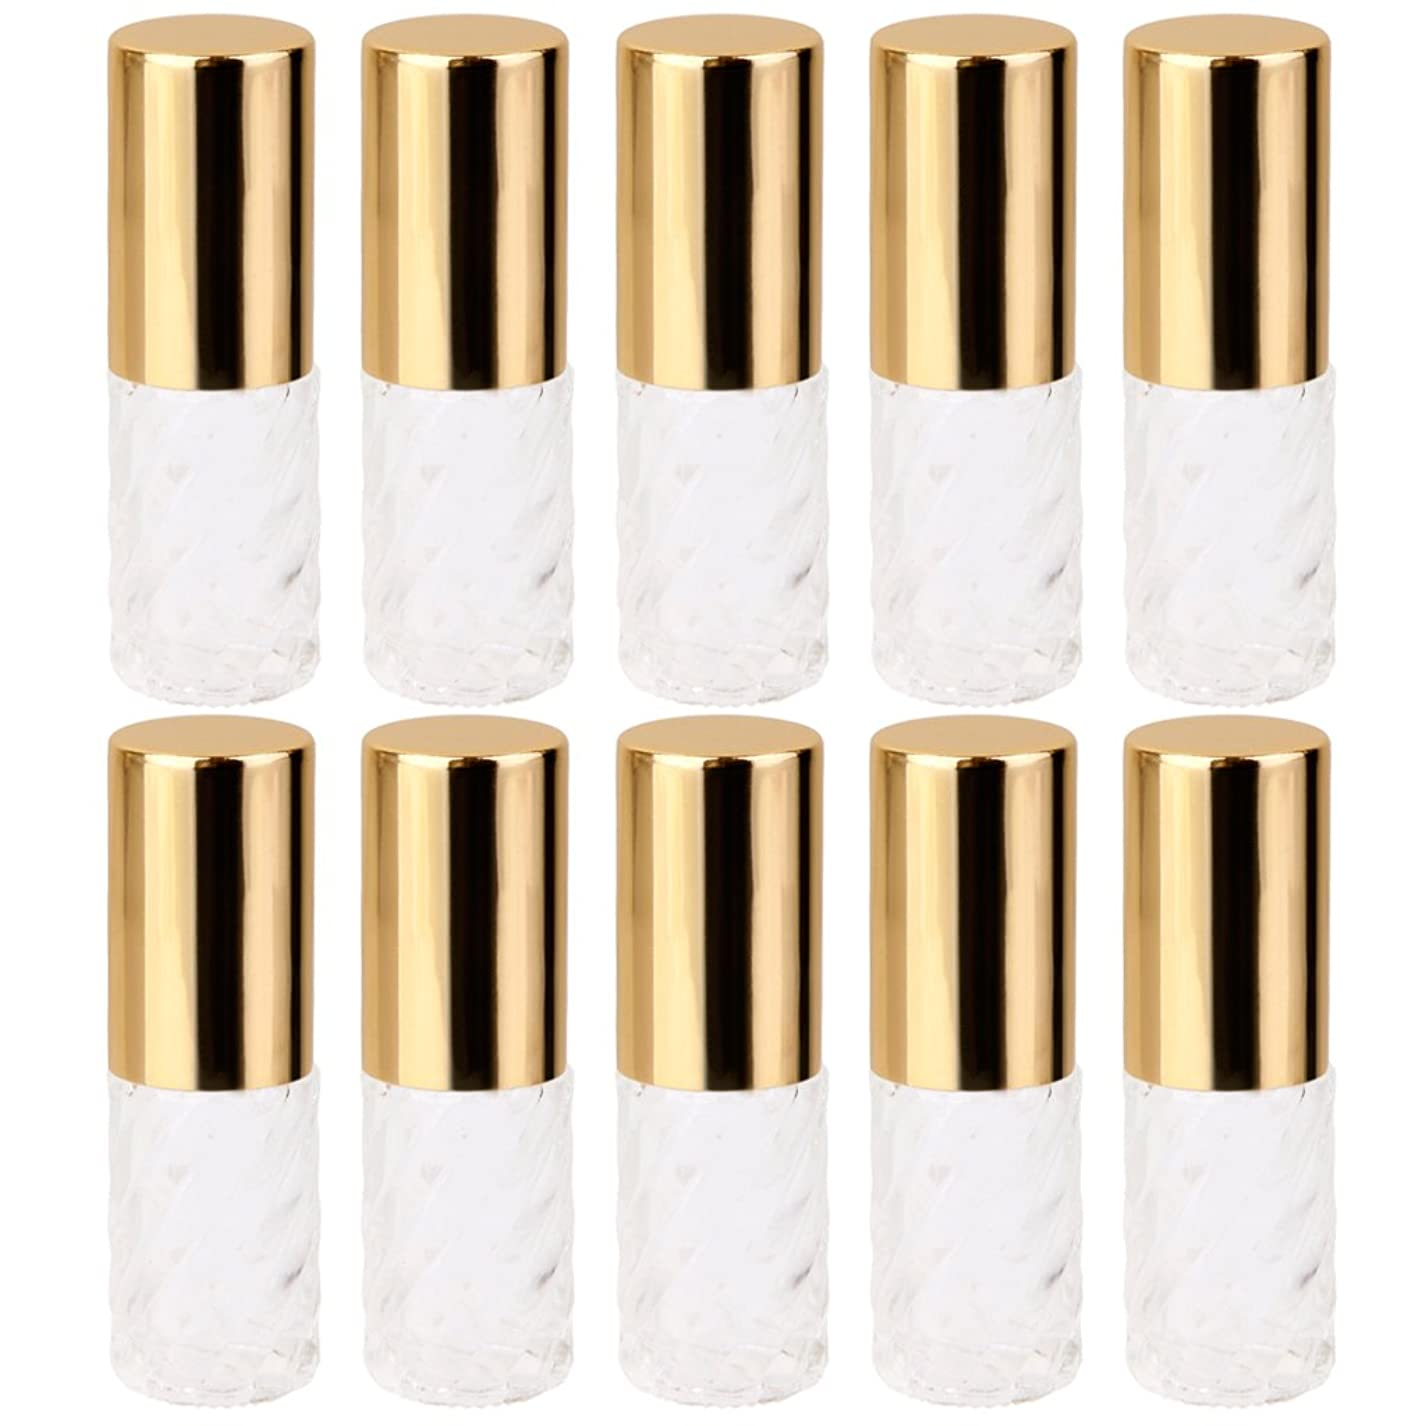 広範囲にシェーバー後方Baoblaze 10本入り 透明 交換 旅行 空 ロールオン ガラス 香水瓶 容器 コスメ 詰替え 便利 5ml